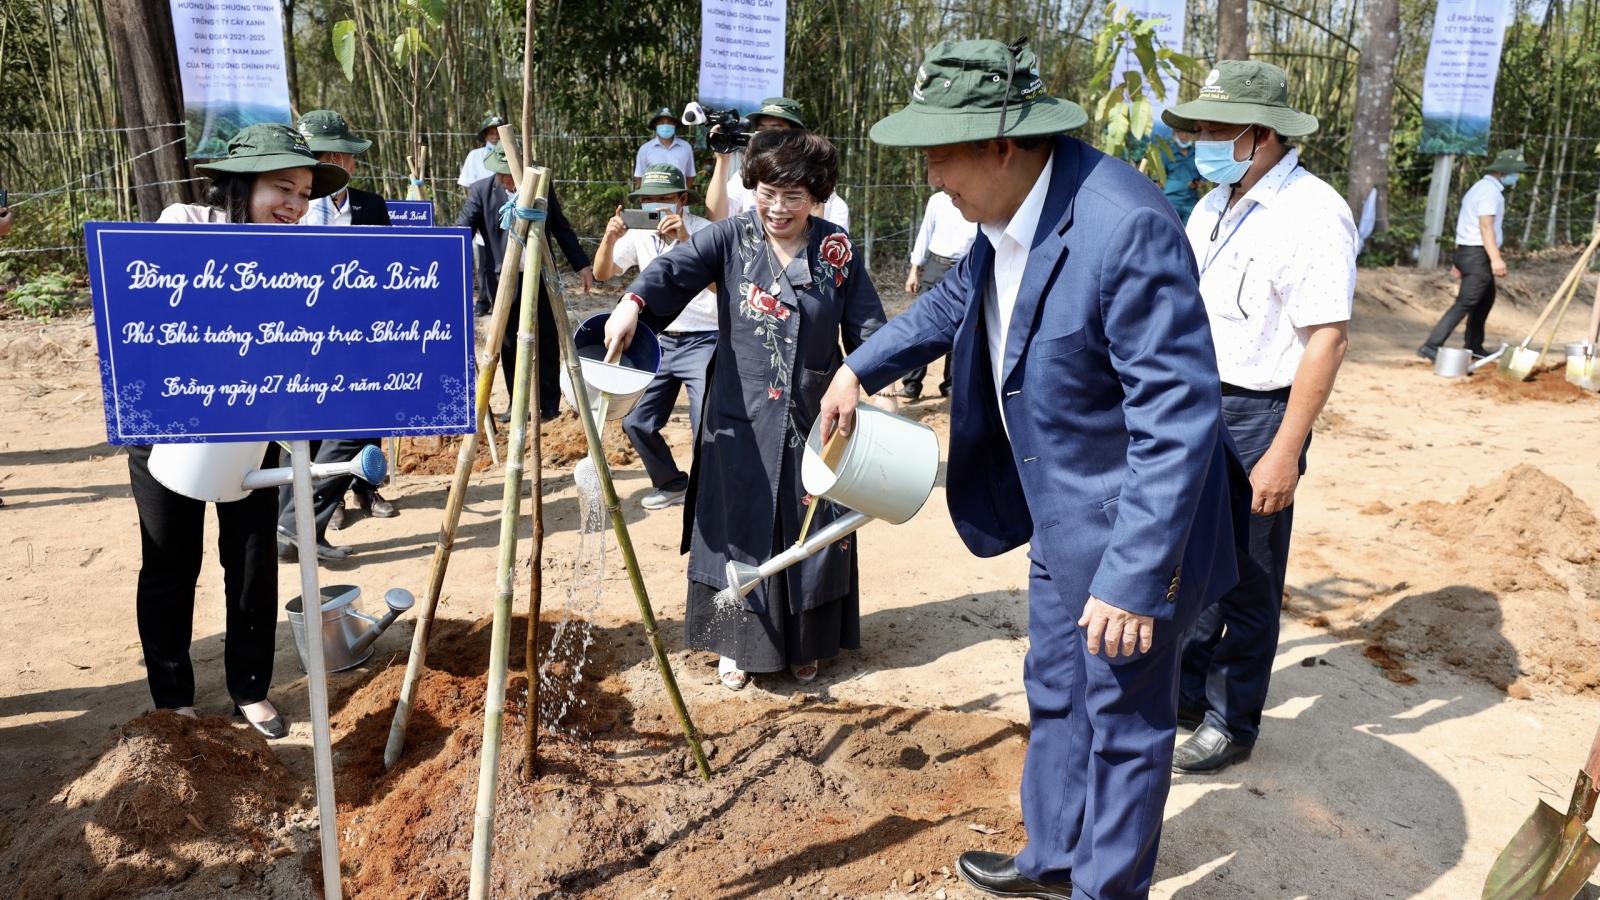 Phó Thủ tướng Trương Hòa Bình dự lễ Khởi công dự án bò sữa lớn nhất ĐBSCL tại An Giang